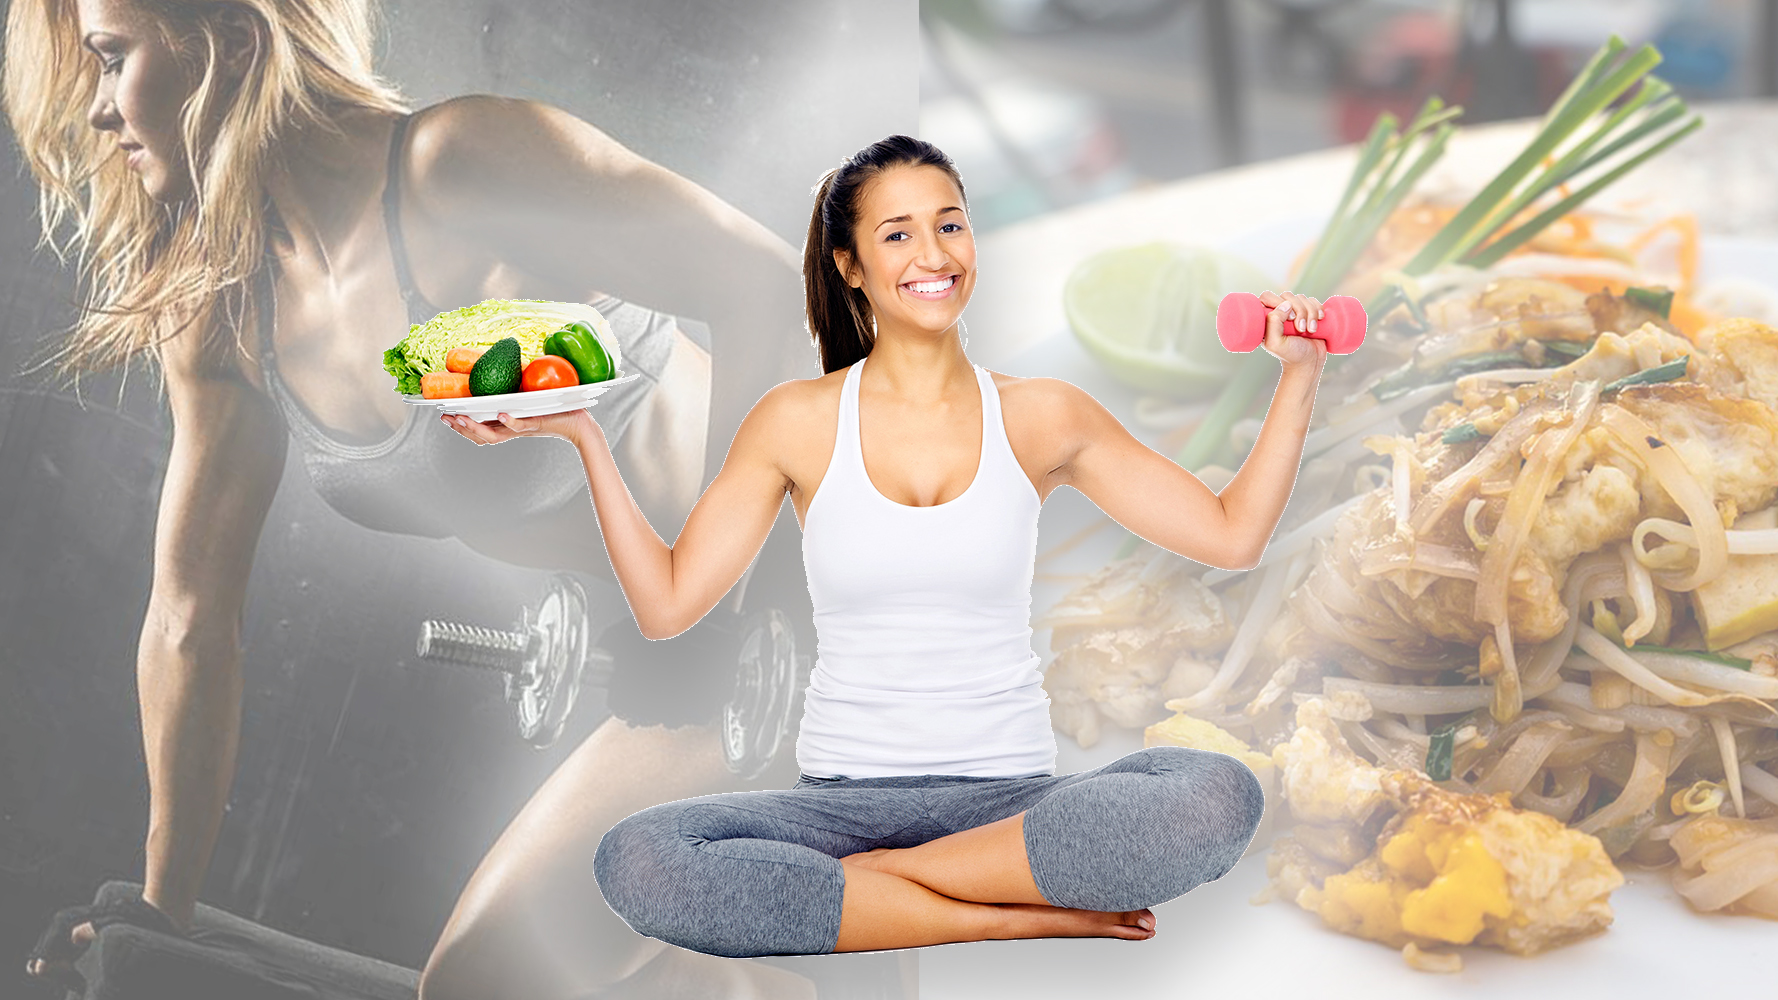 Megvan, hogyan étkezz, ha fogyni szeretnél